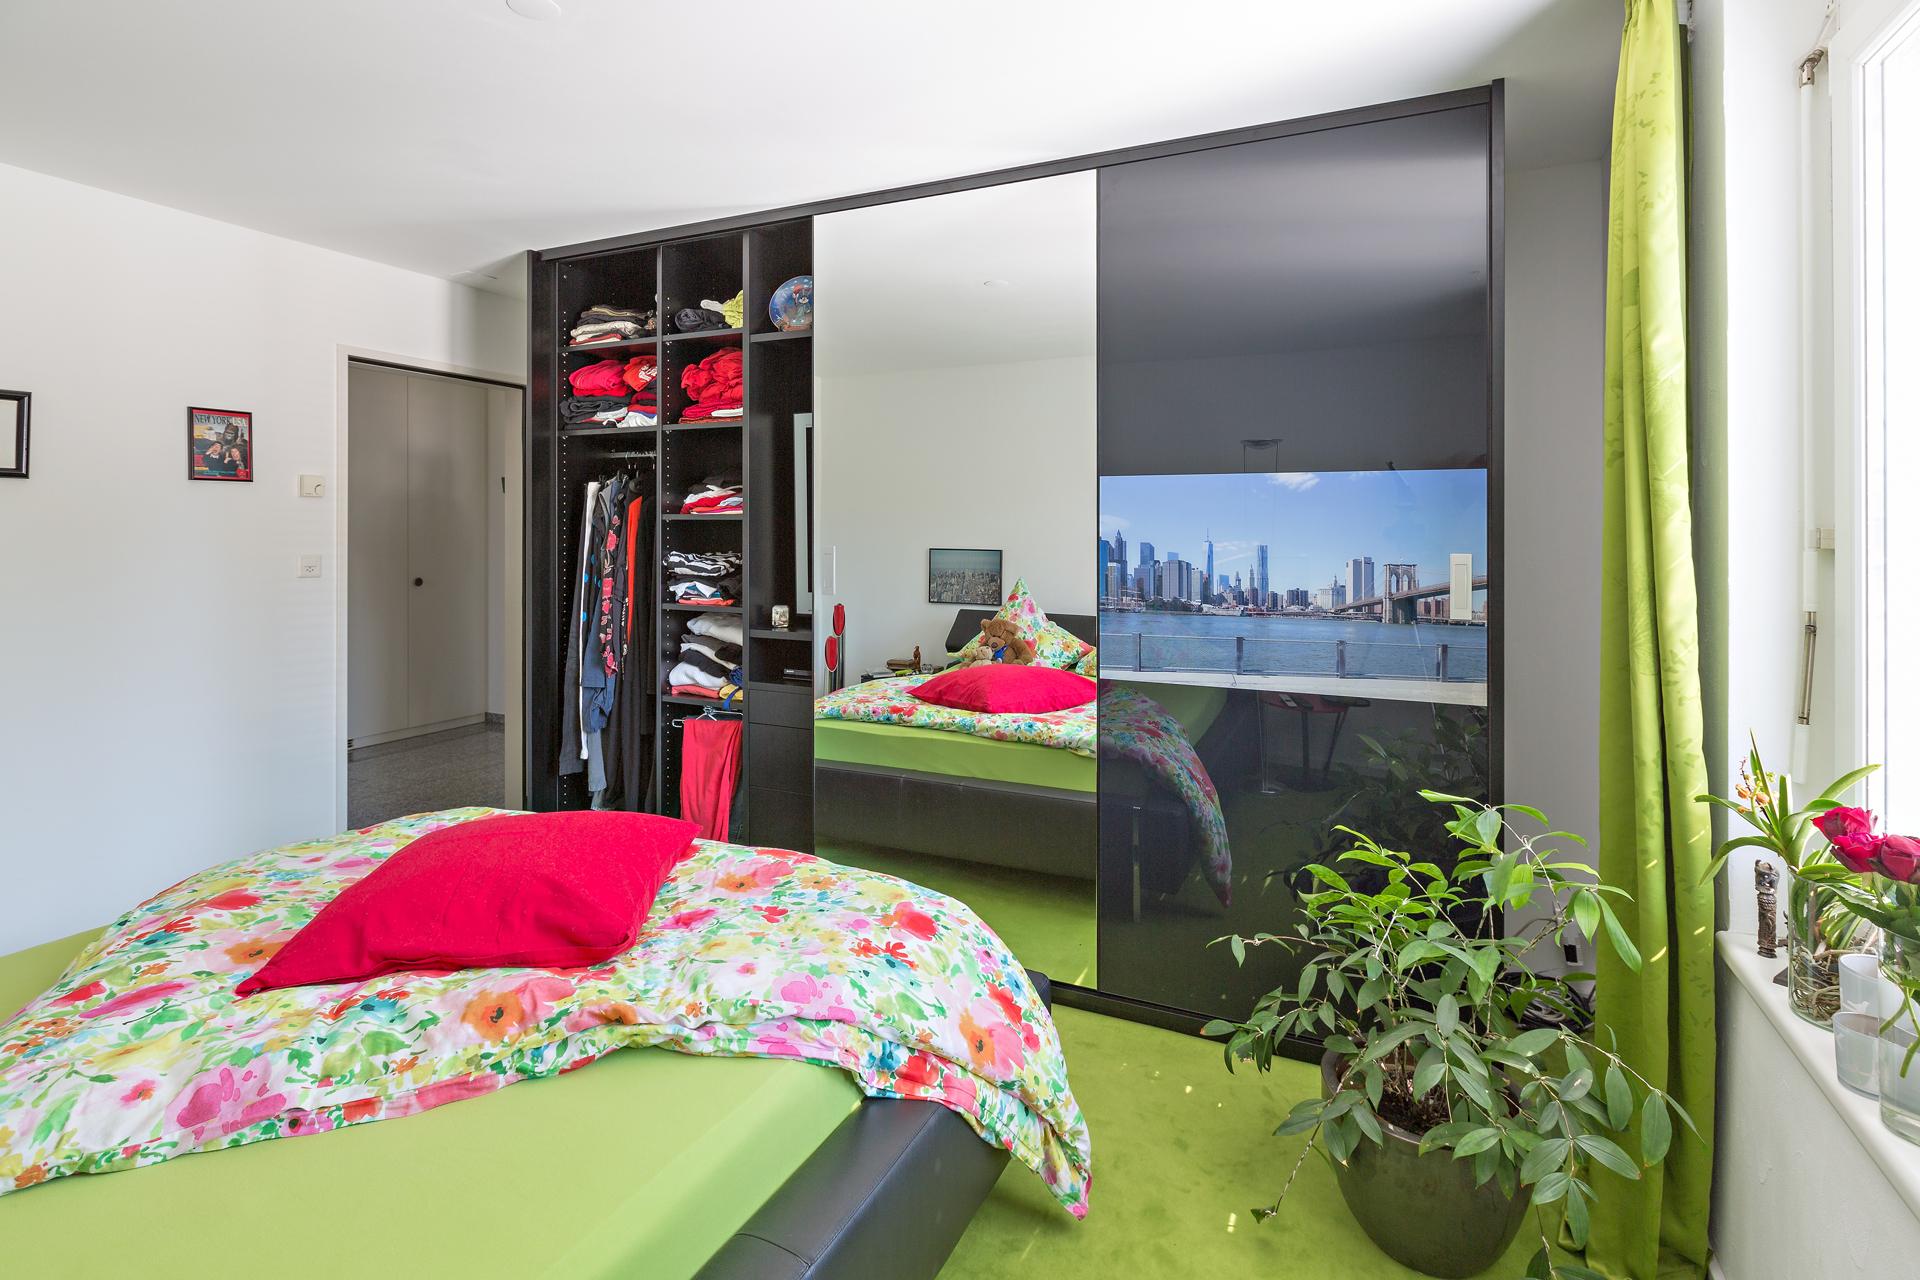 die sch nsten ideen beispiele und inspirierende bild. Black Bedroom Furniture Sets. Home Design Ideas